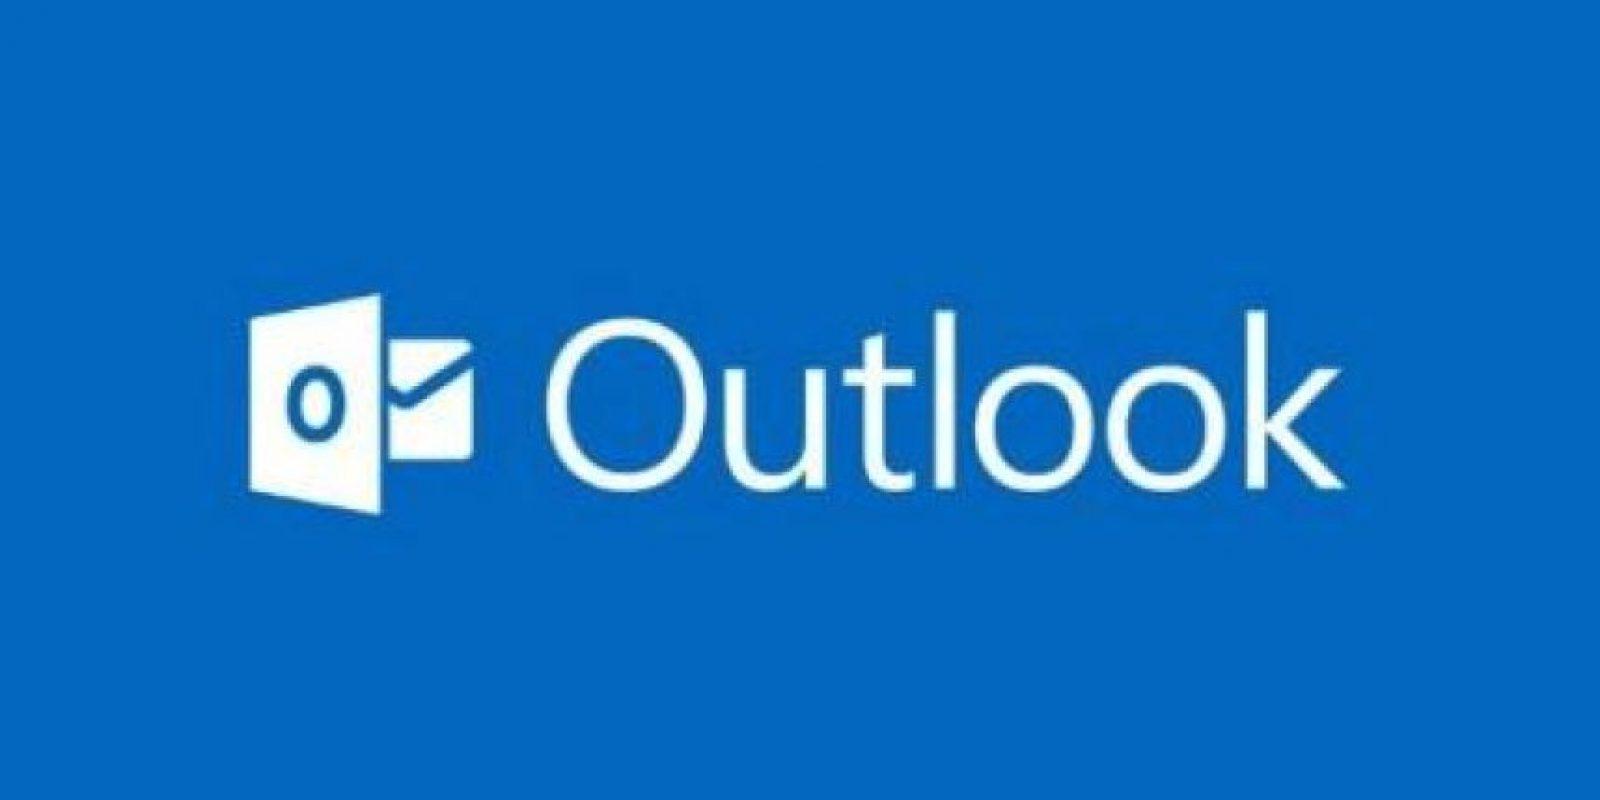 Outlook de Microsoft es uno de los más populares. Primero fue MSN y después Hotmail. Foto:Outlook